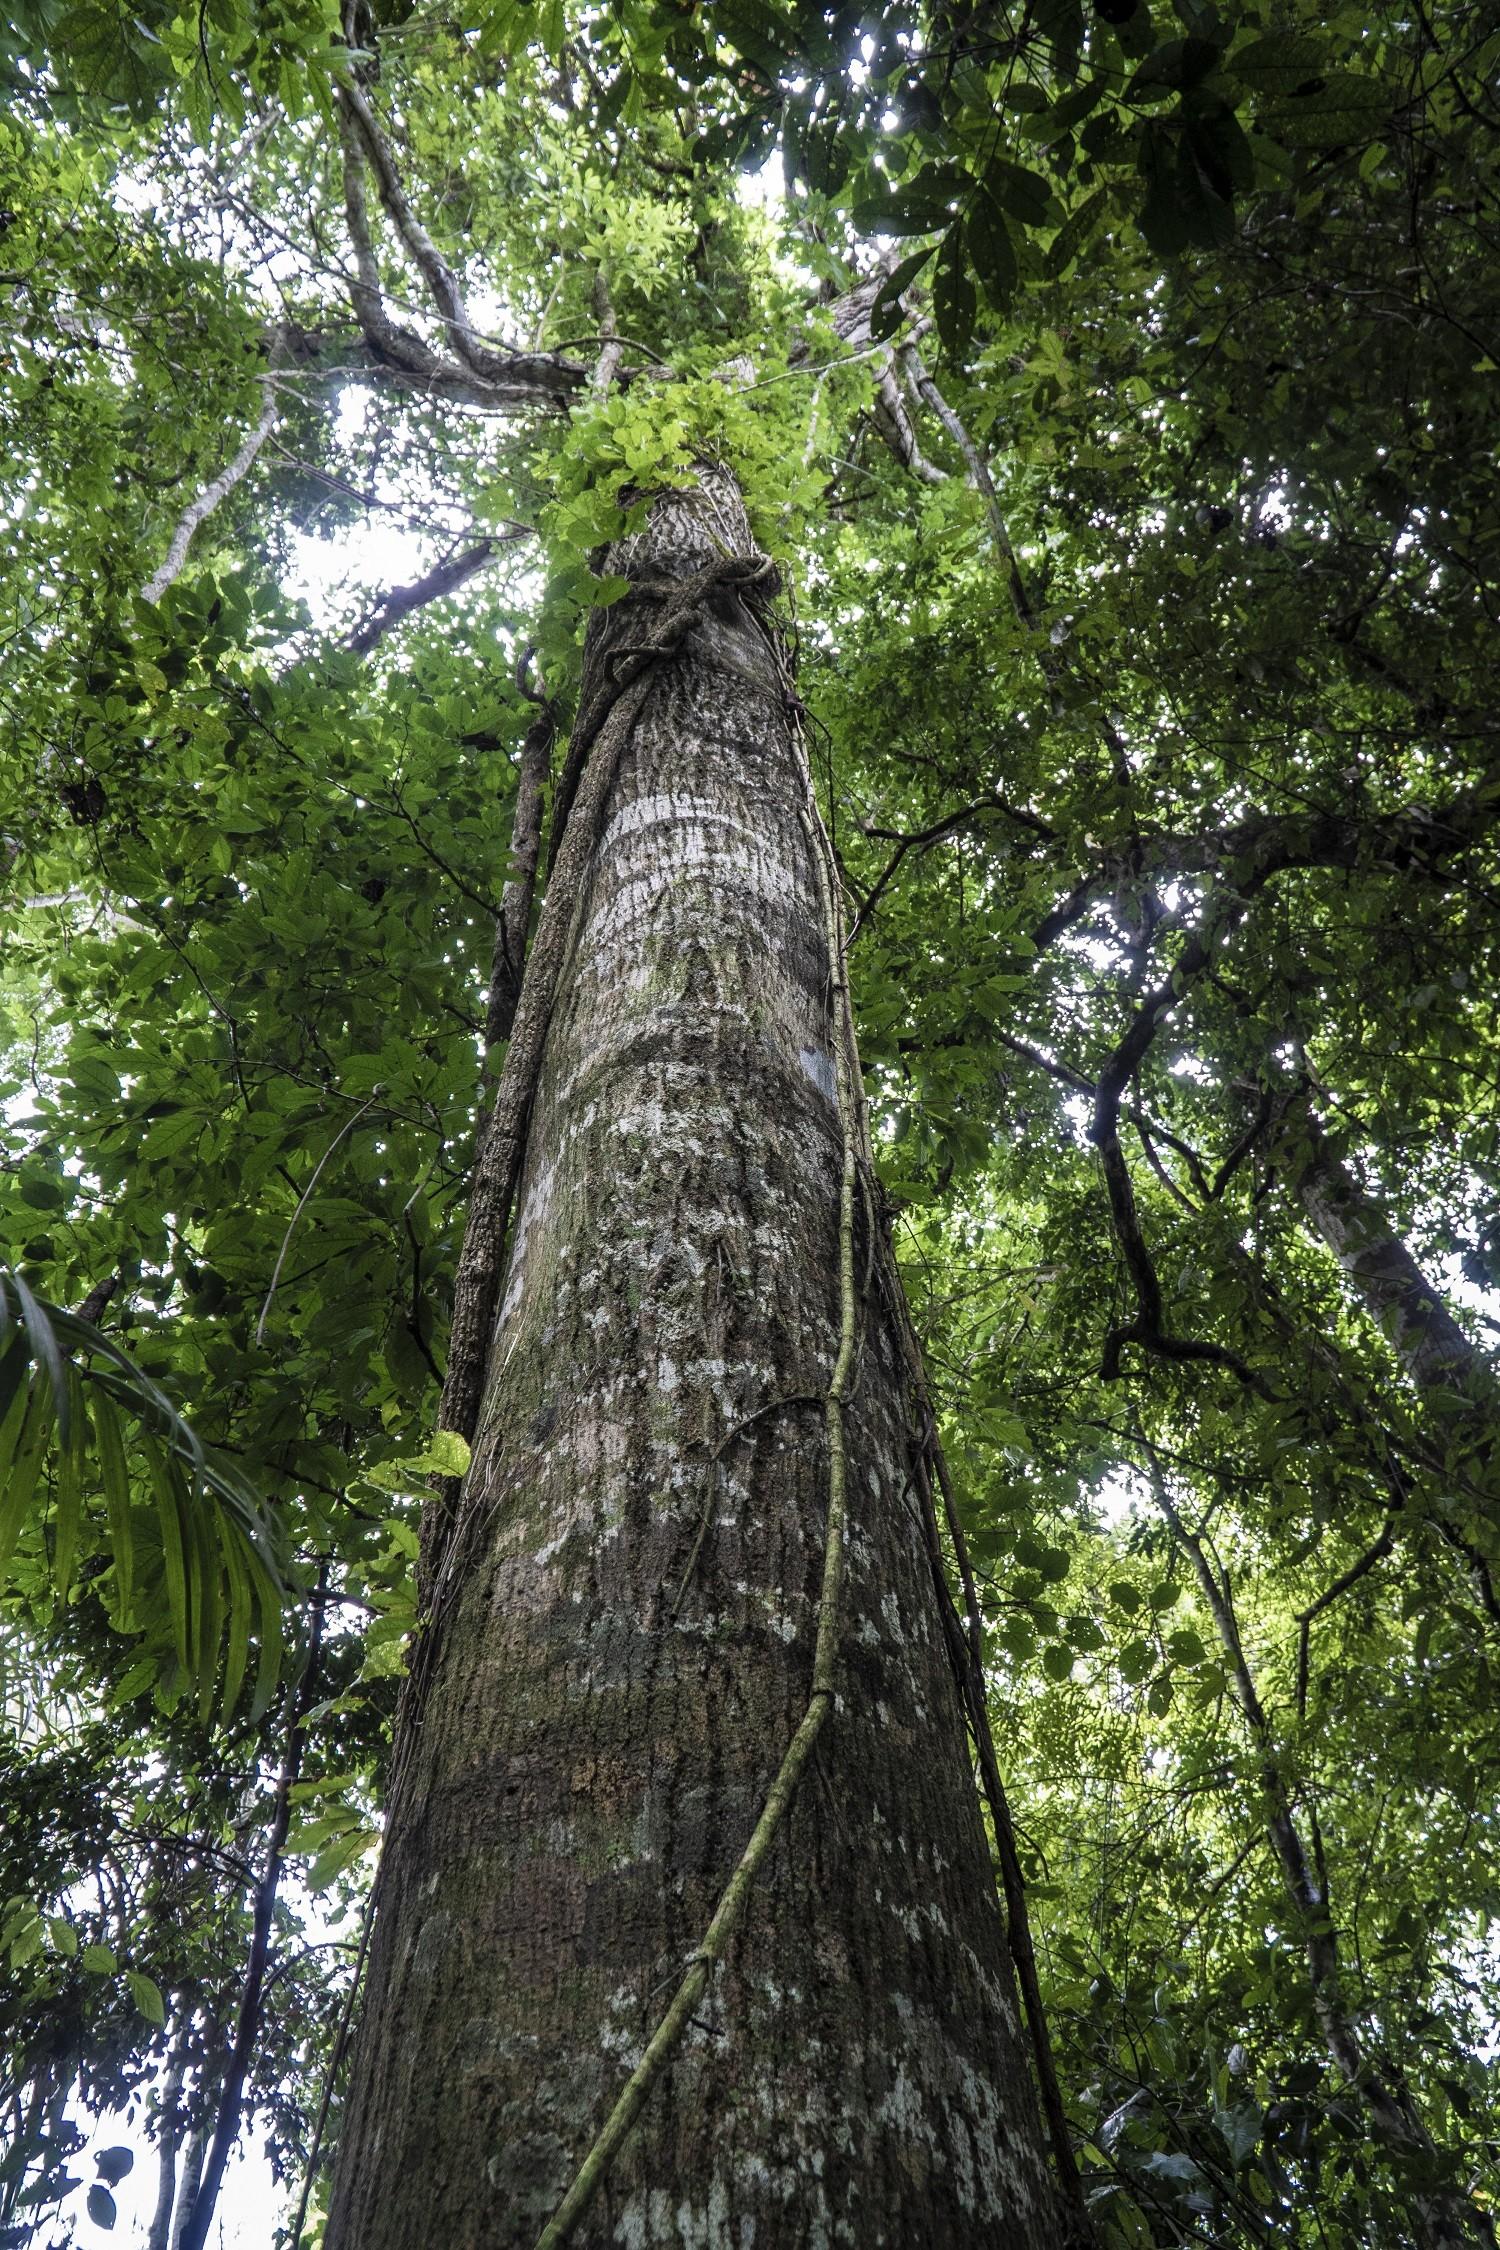 O Brasil, que concentra um terço da área de floresta tropical do mundo, é um dos maiores receptores de recursos do crédito de carbono (Foto: FERNANDO MARTINHO FOR PROPUBLICA, via BBC News Brasil)